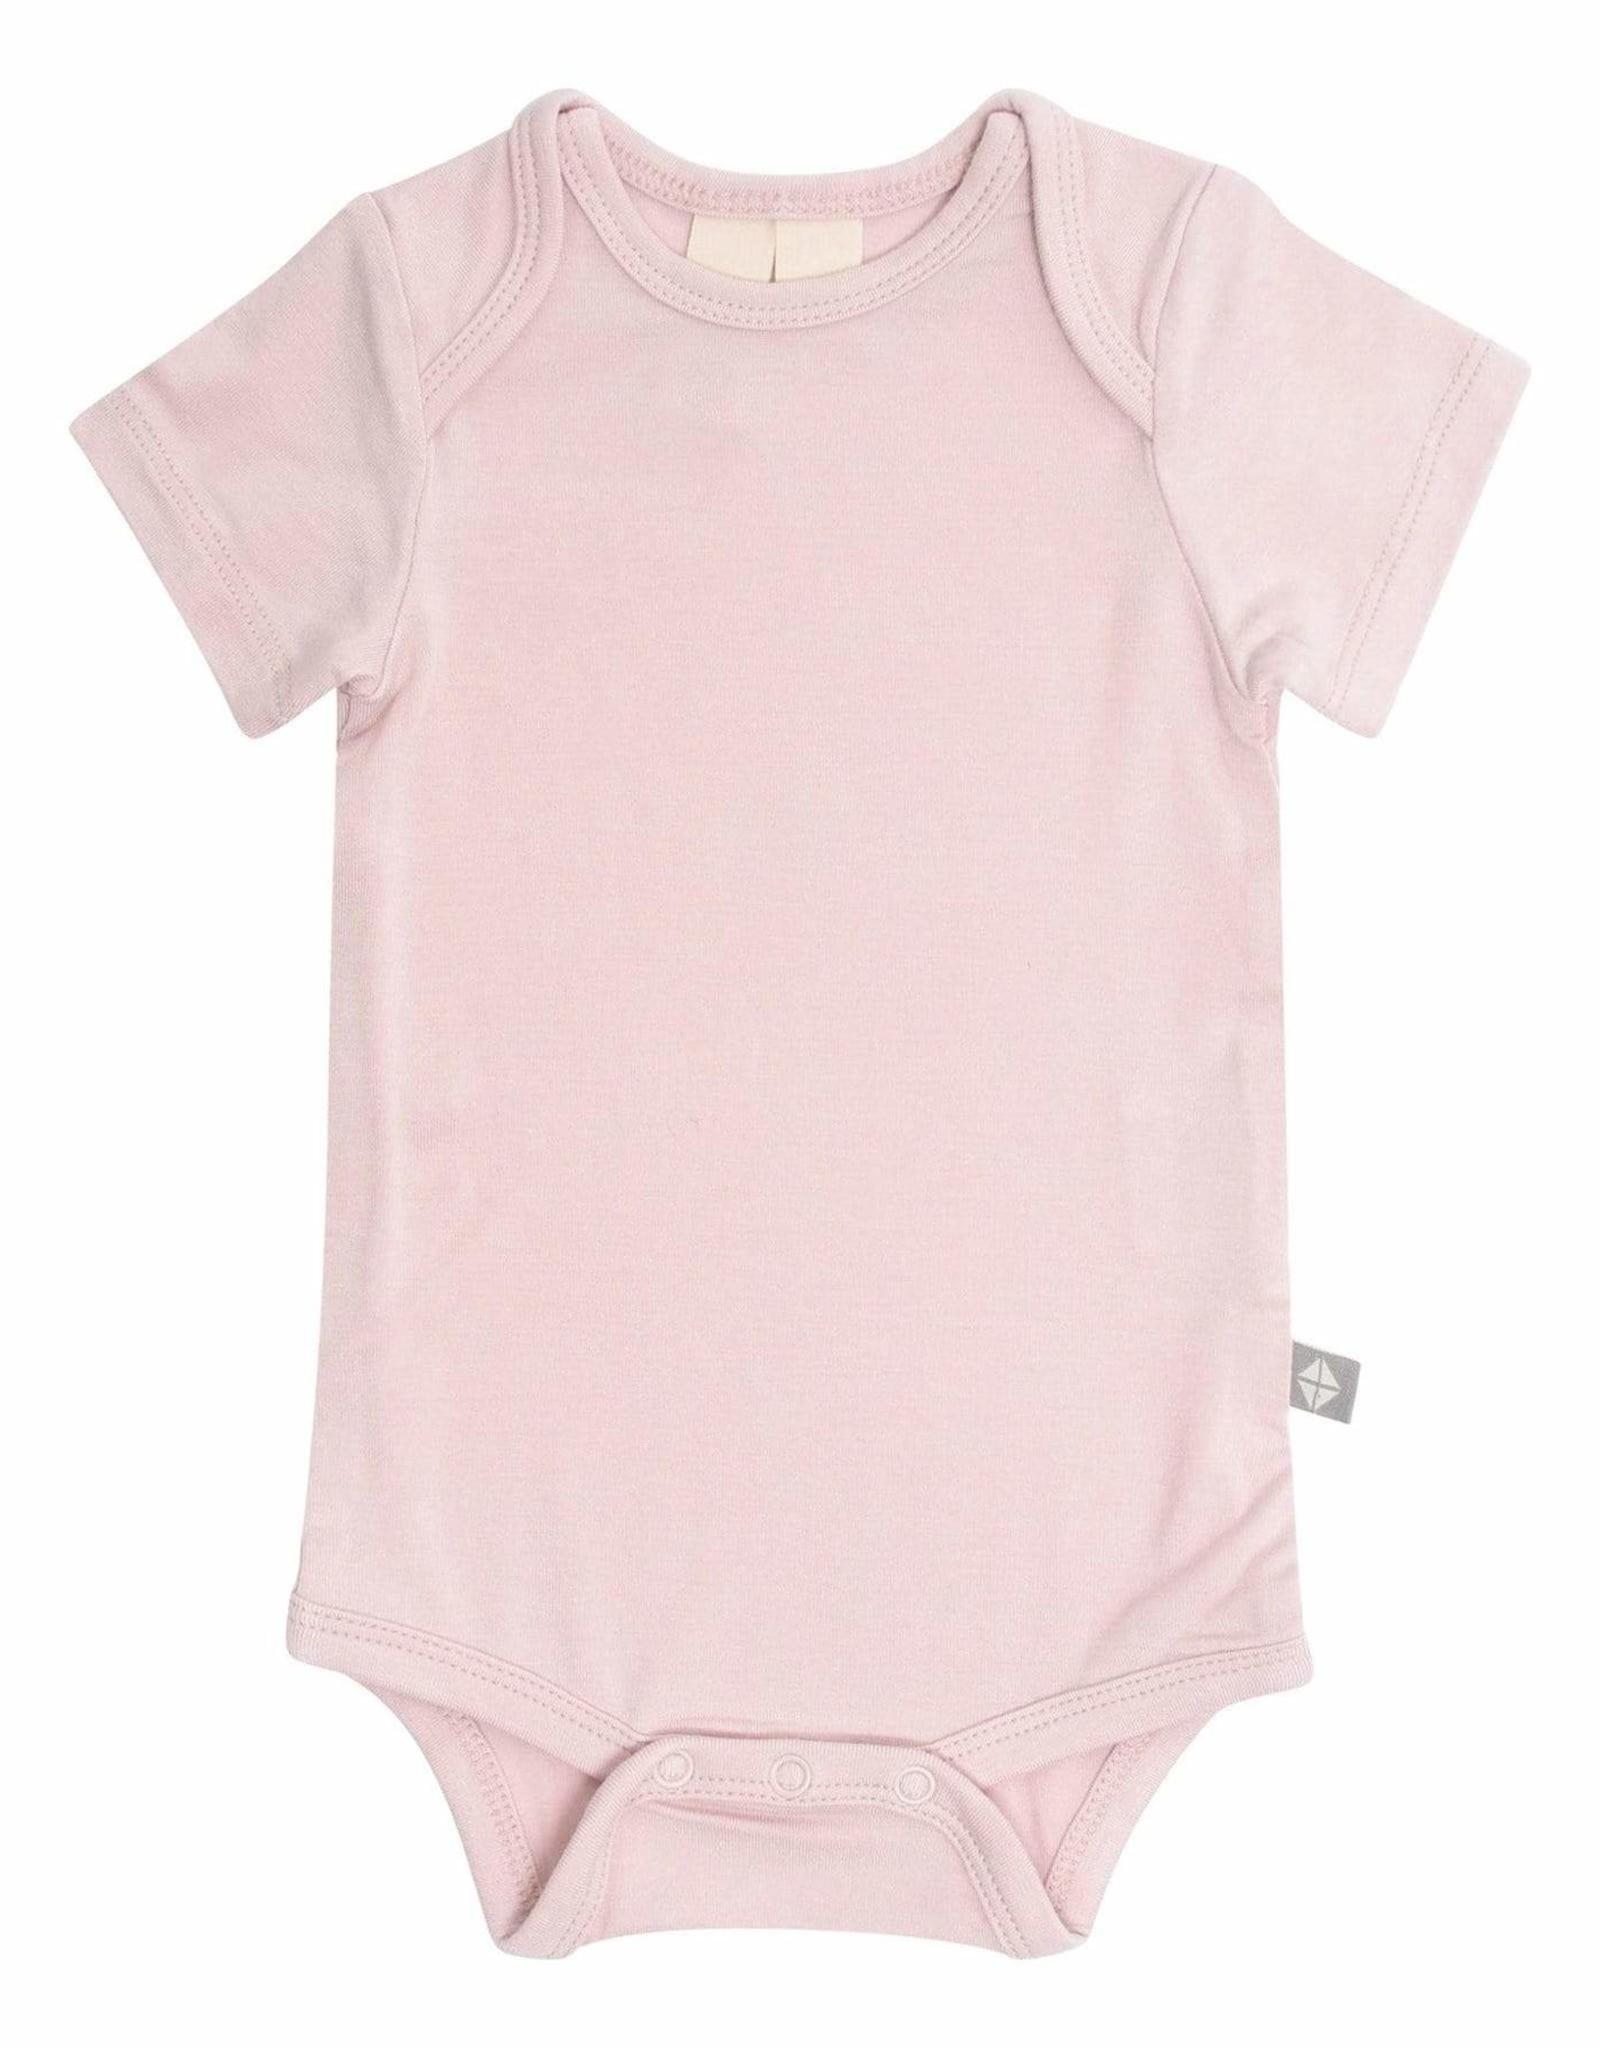 Kyte Baby bodysuit- blush